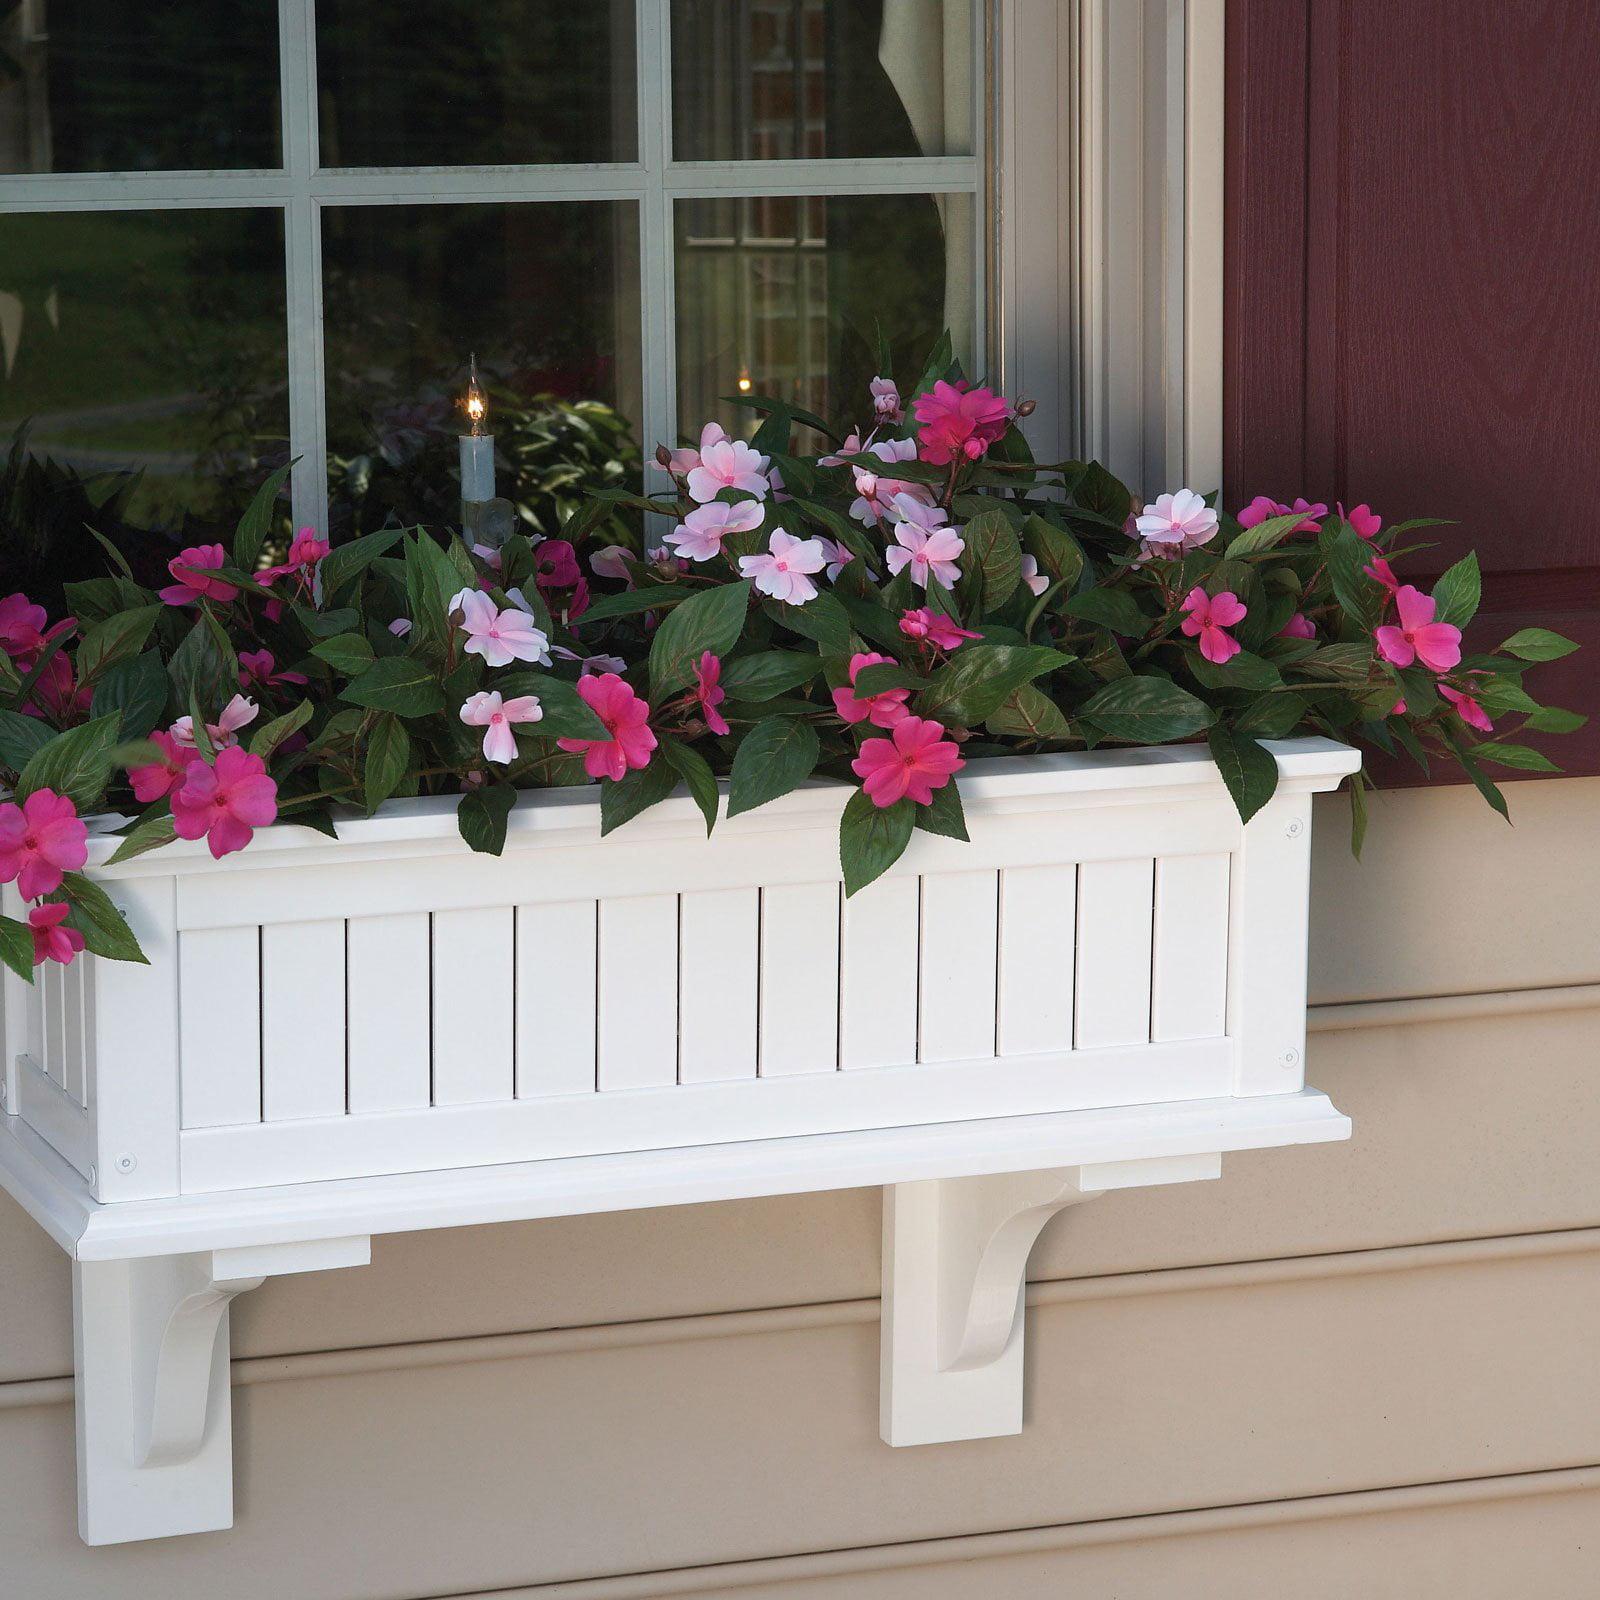 Rectangle Wood Nantucket Standard Window Box